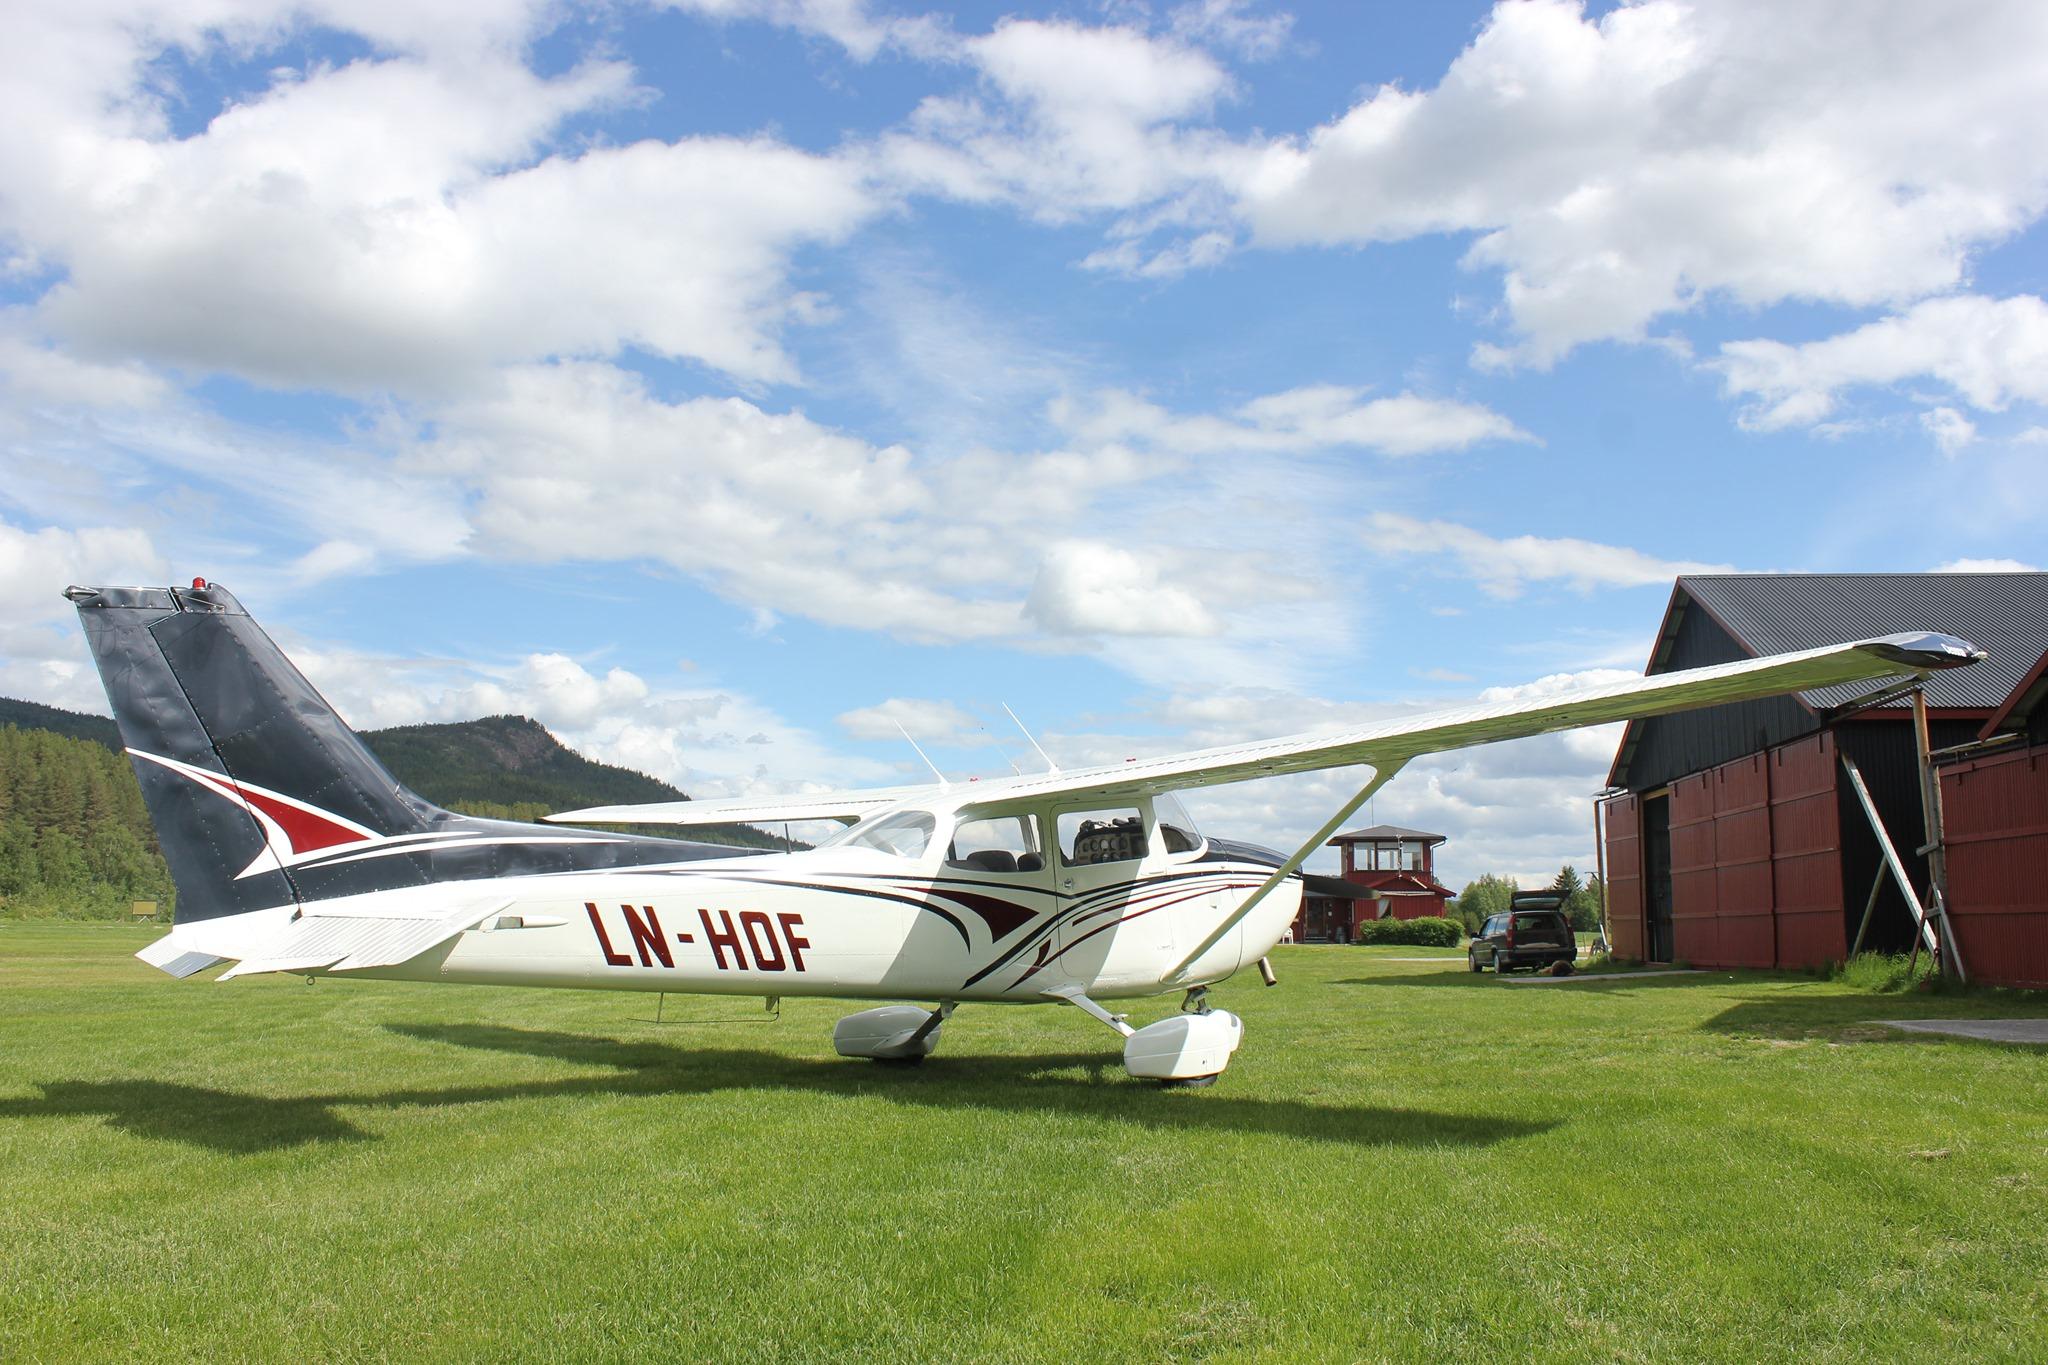 Økonomistyring var en utfordring i Tynset Flyklubb, og de trengte en bedre løsning for å holde kontroll på økonomien. Svaret ble et nettbasert regnskap.